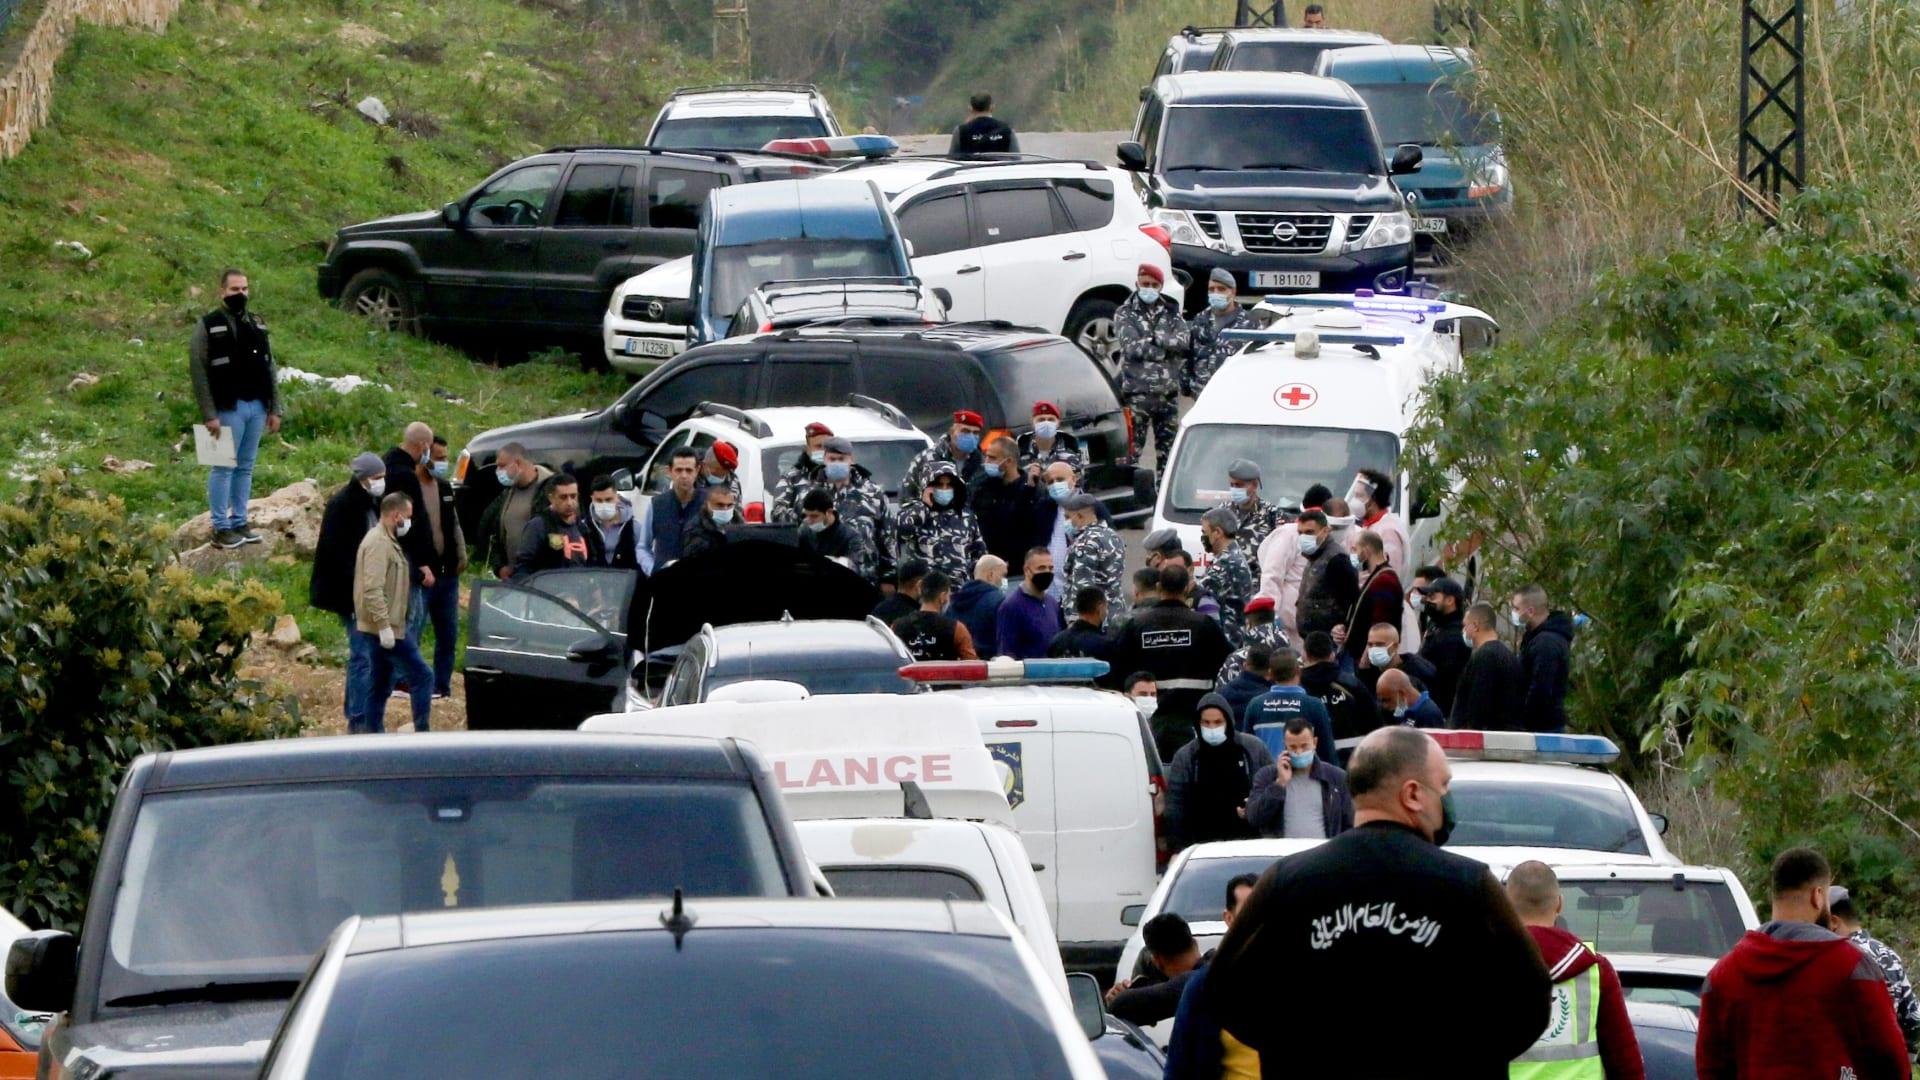 من أمريكا والأمم المتحدة وحزب الله.. هكذا جاءت ردود الفعل على مقتل الناشط اللبناني لقمان سليم